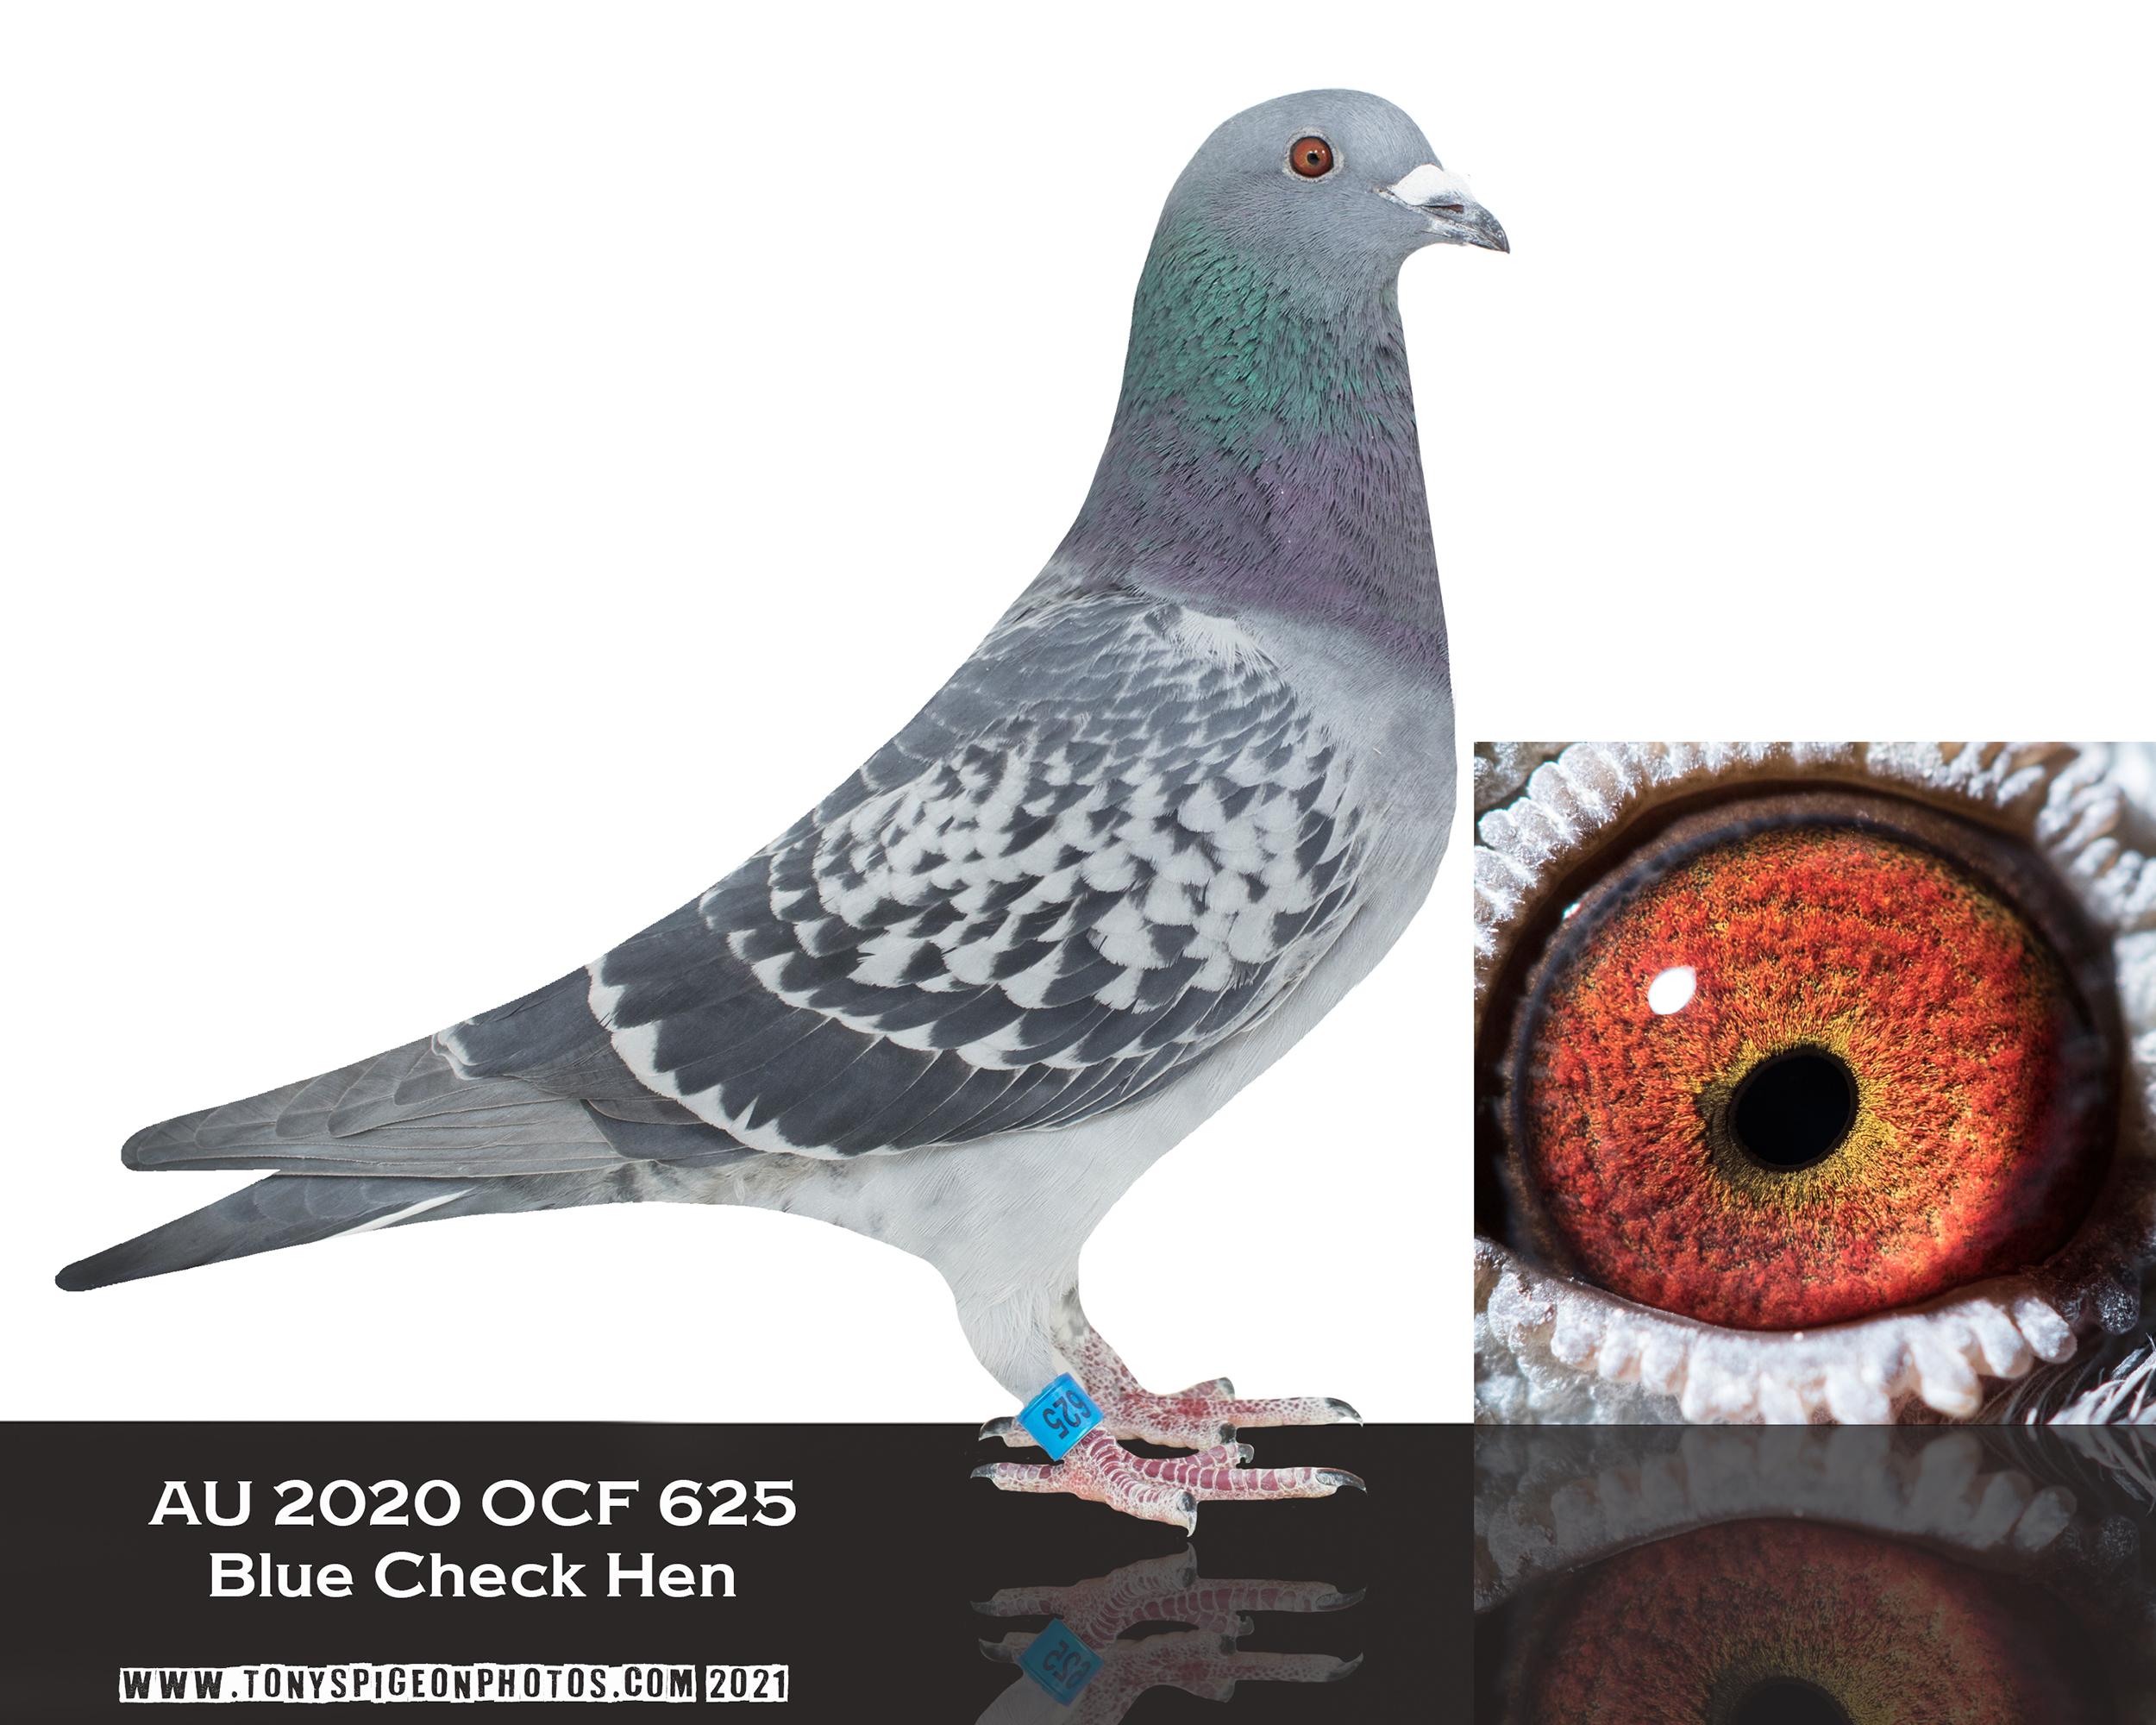 AU 2020 OCF 625 Dark Check Hen